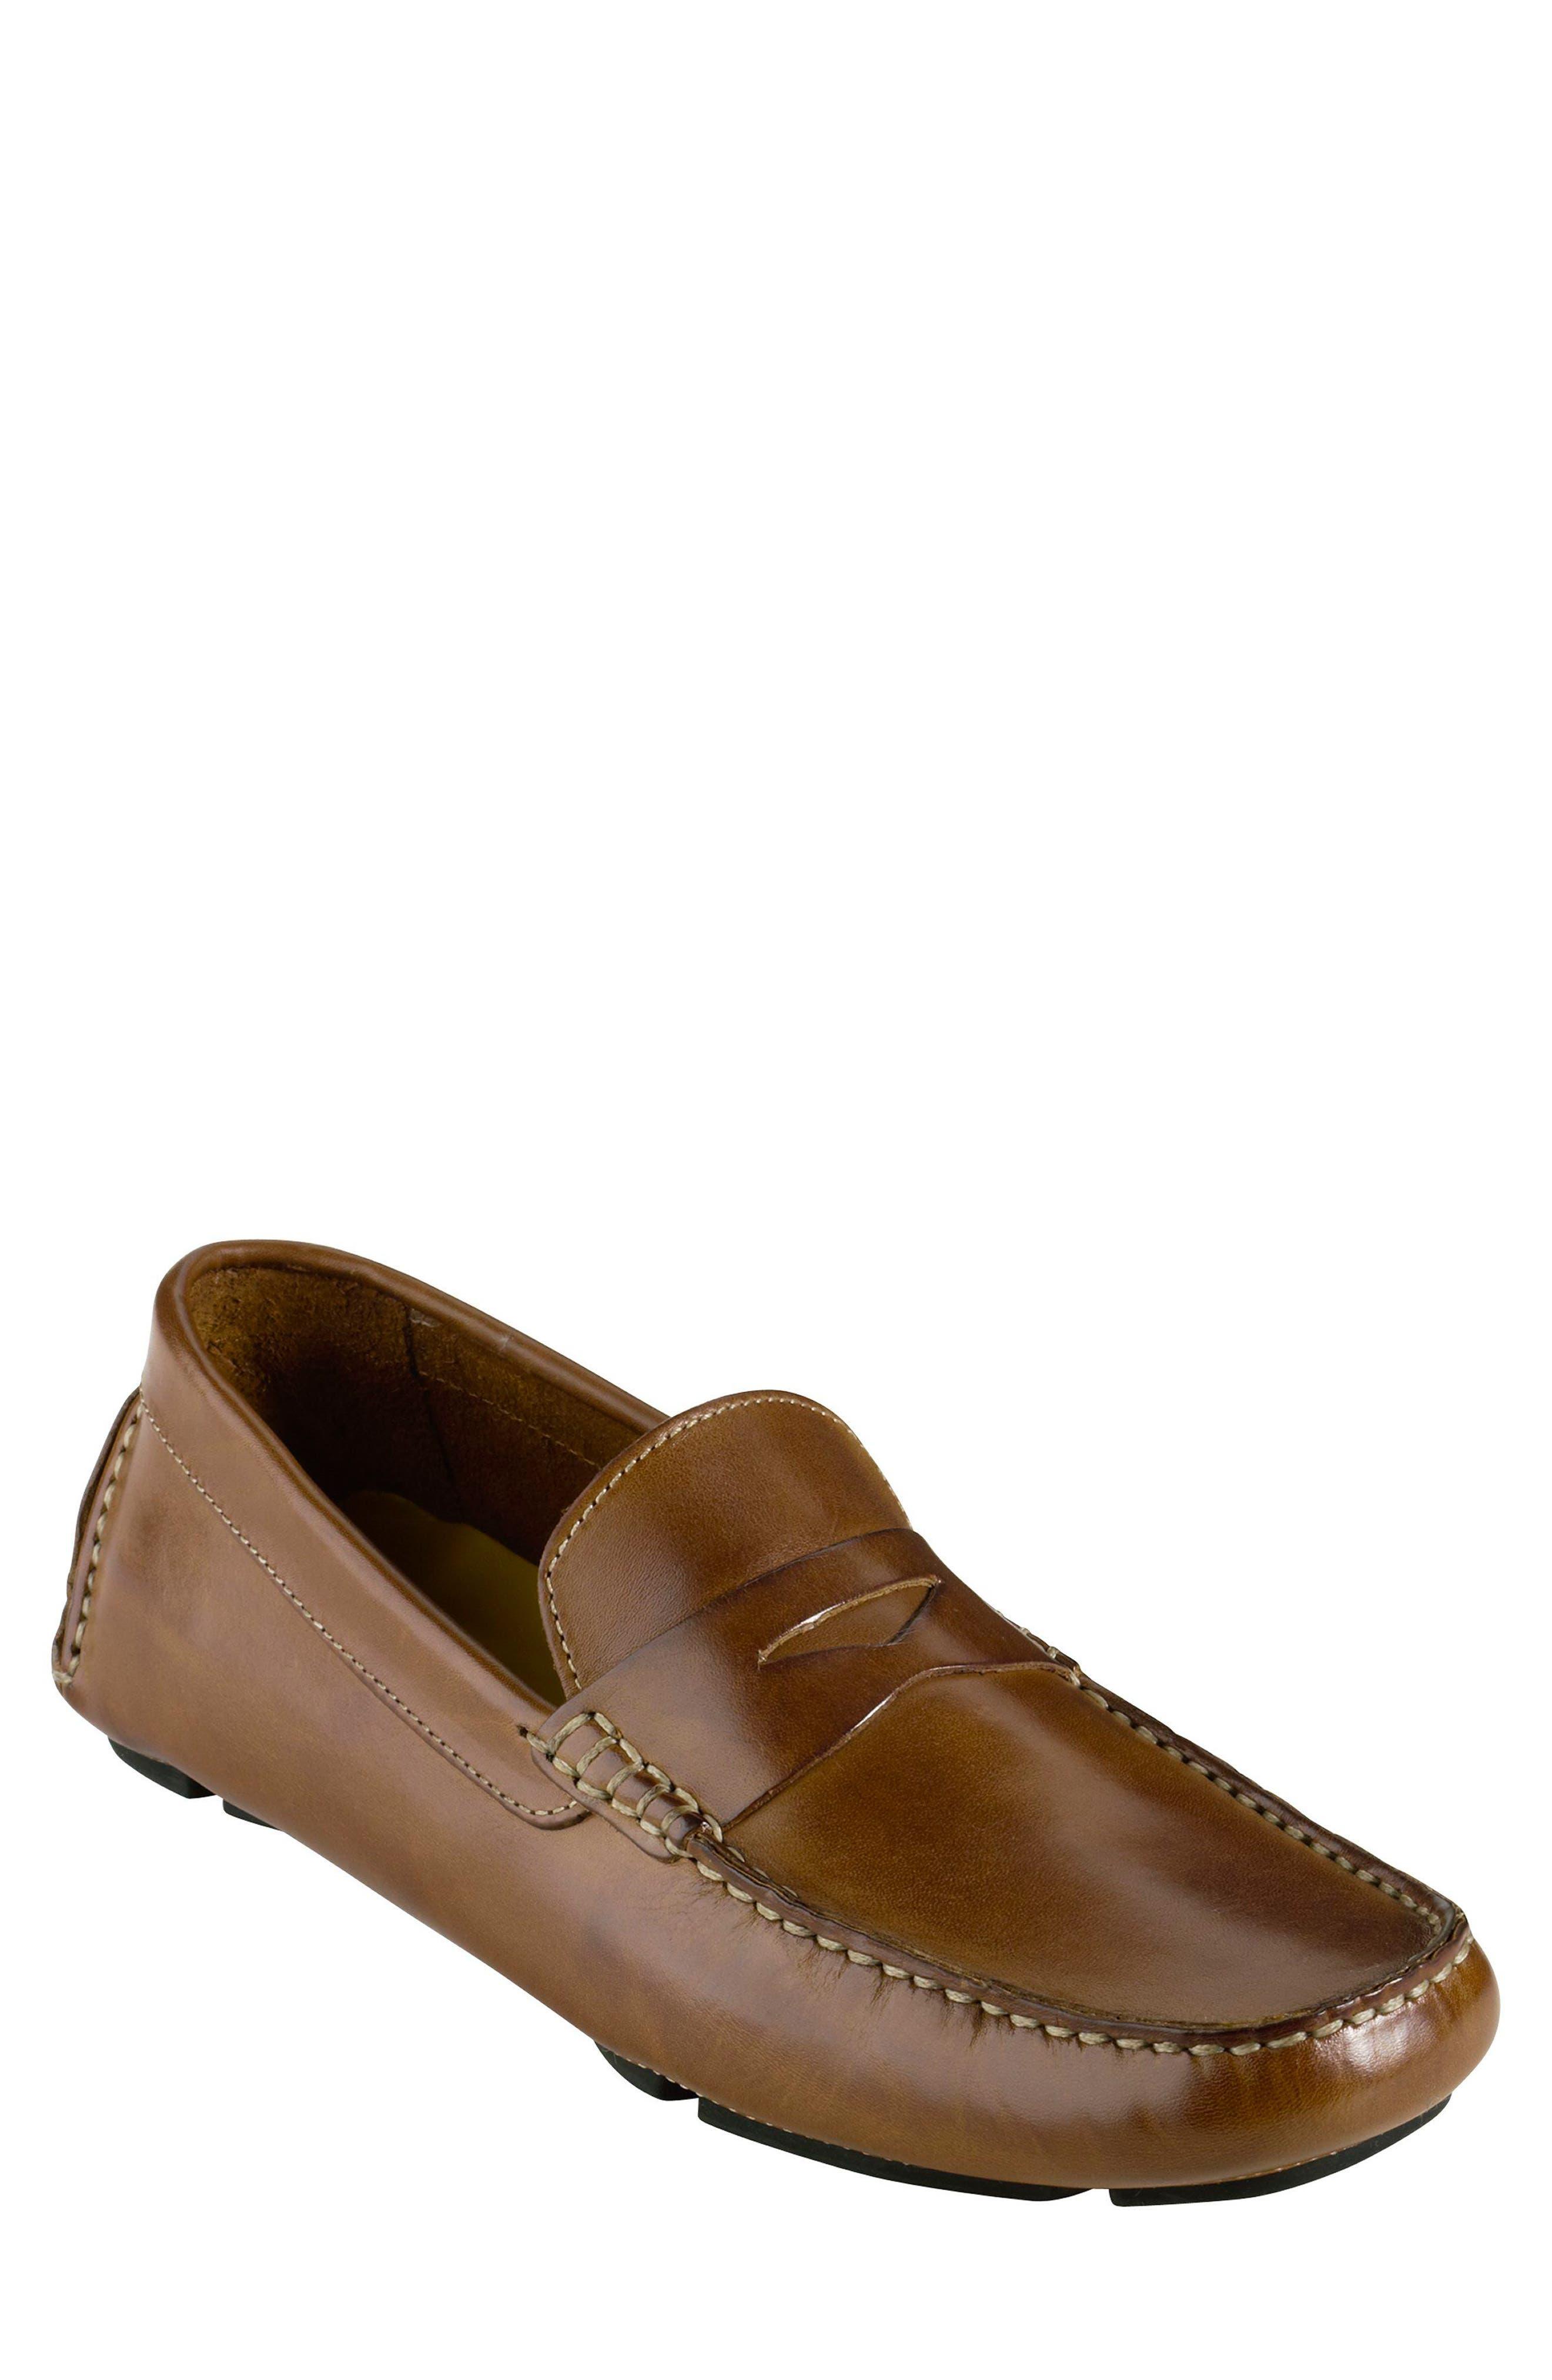 2835229c1a5 All Men s Cole Haan Shoes  Sale